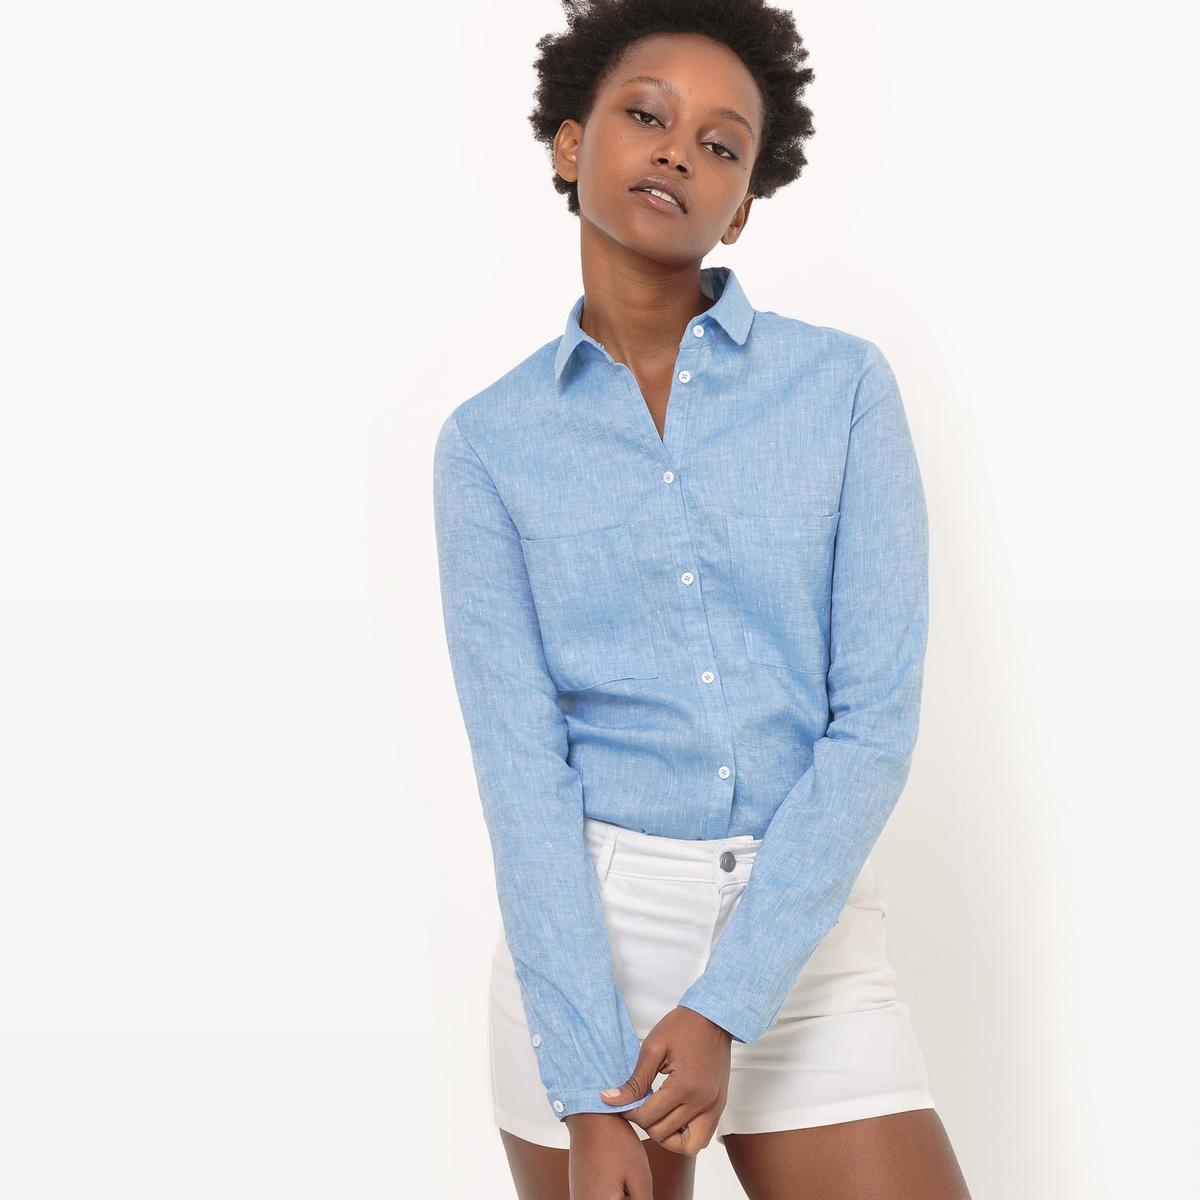 Рубашка с 2 карманами из льнаДетали  •  Длинные рукава •  Прямой покрой  •  Воротник-поло, рубашечный  Состав и уход •  100% лен  •  Температура стирки 30°   •  Сухая чистка и отбеливание запрещены   •  Не использовать барабанную сушку  • Высокая температура глажки<br><br>Цвет: голубой меланж,мандариновый<br>Размер: 38 (FR) - 44 (RUS).38 (FR) - 44 (RUS)